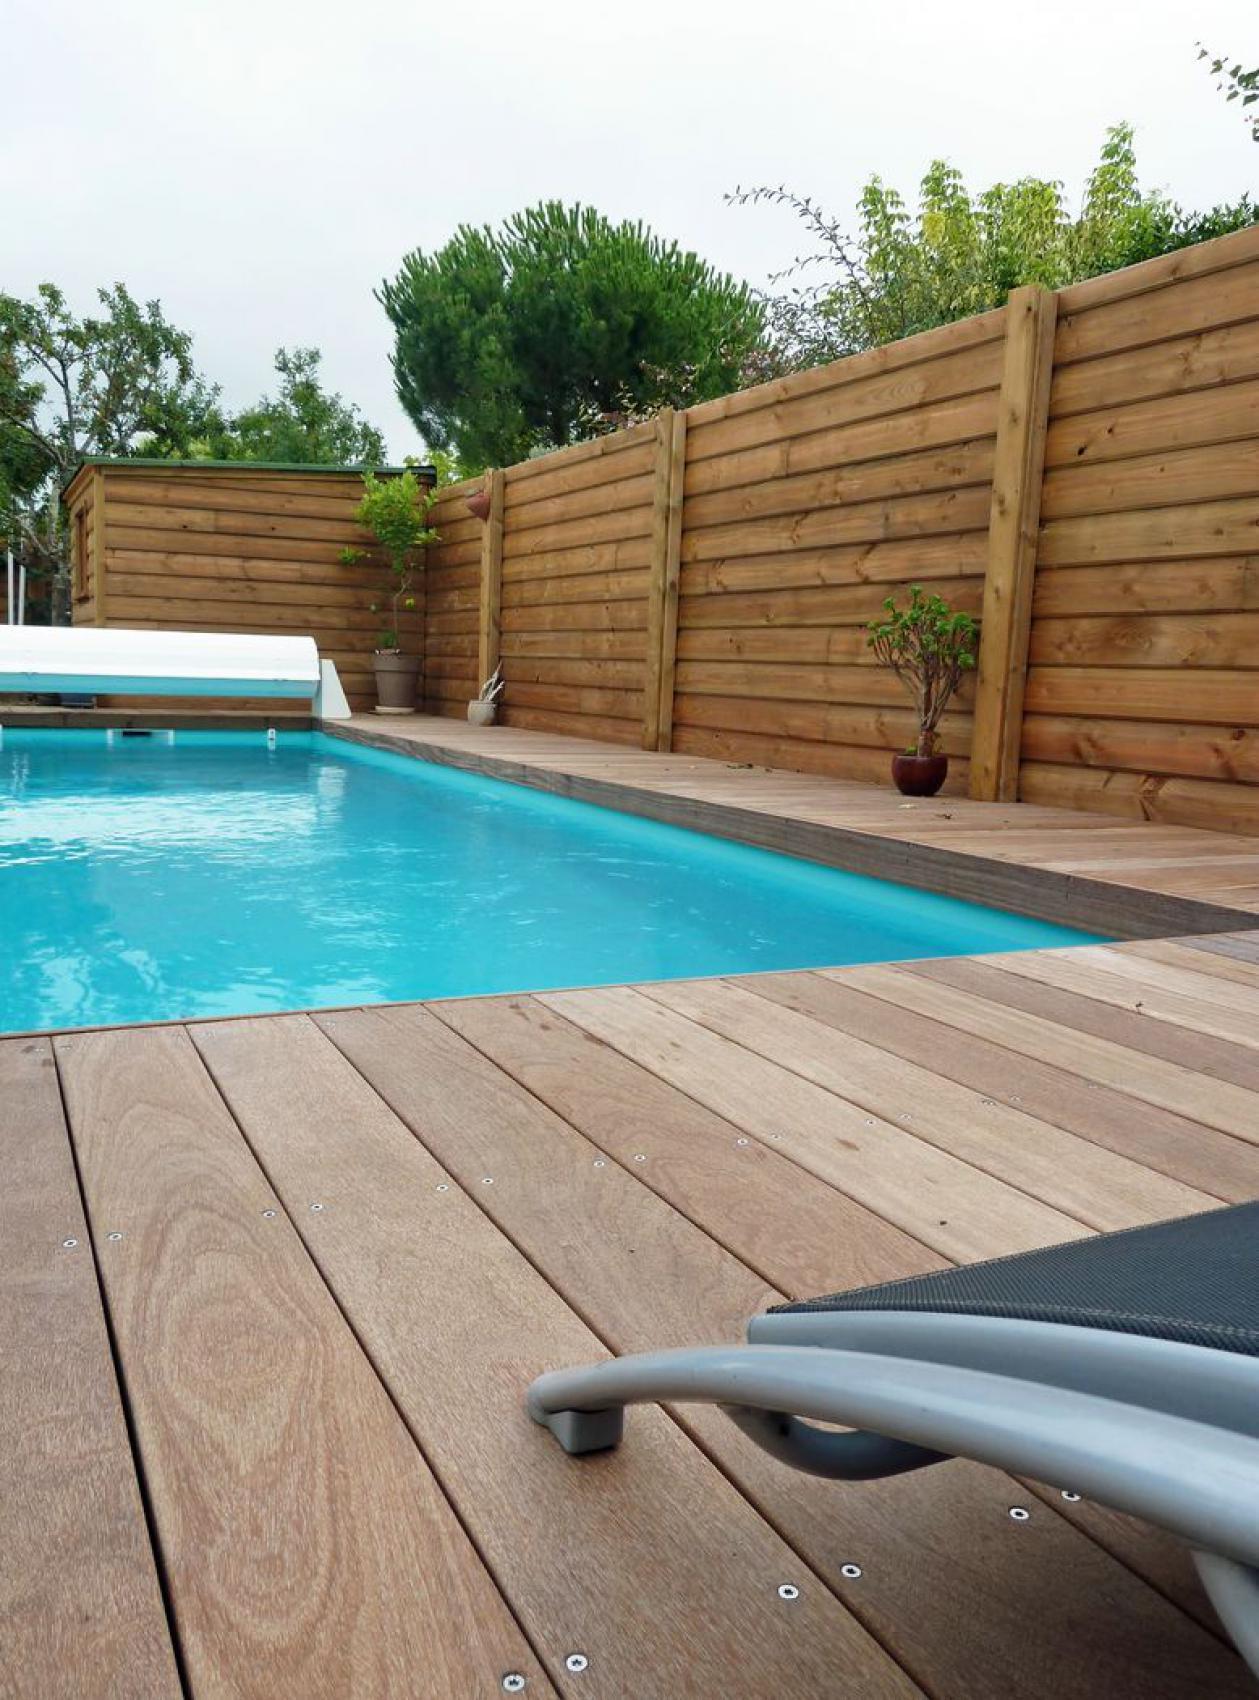 Piscine Bois Avec Terrasse → construction d'une piscine avec terrasse bois, à périgny